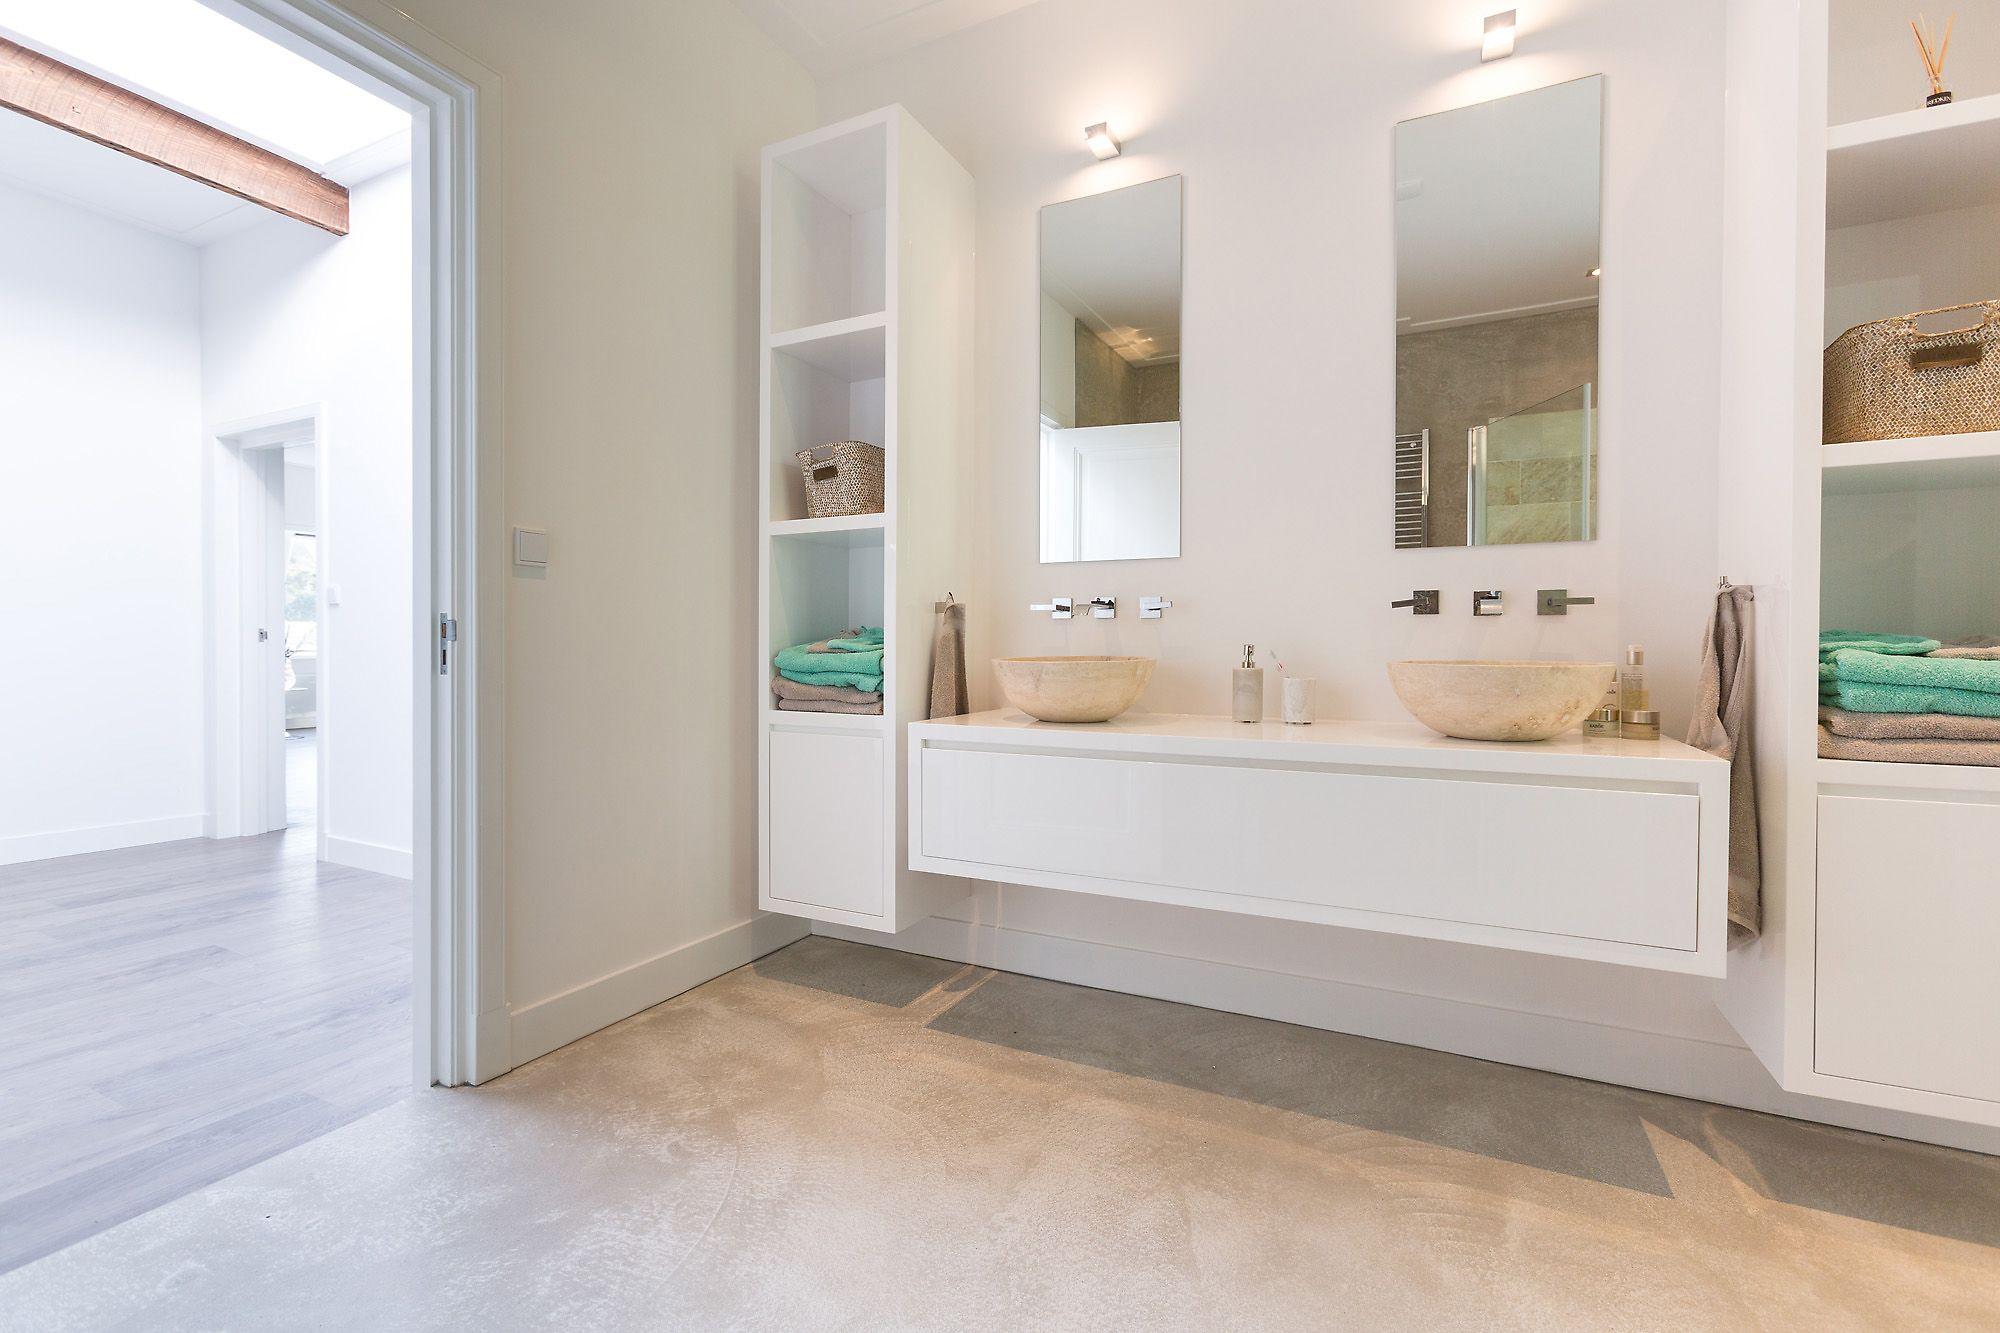 Lichte betonvloer badkamer gerealiseerd door interieurbeton